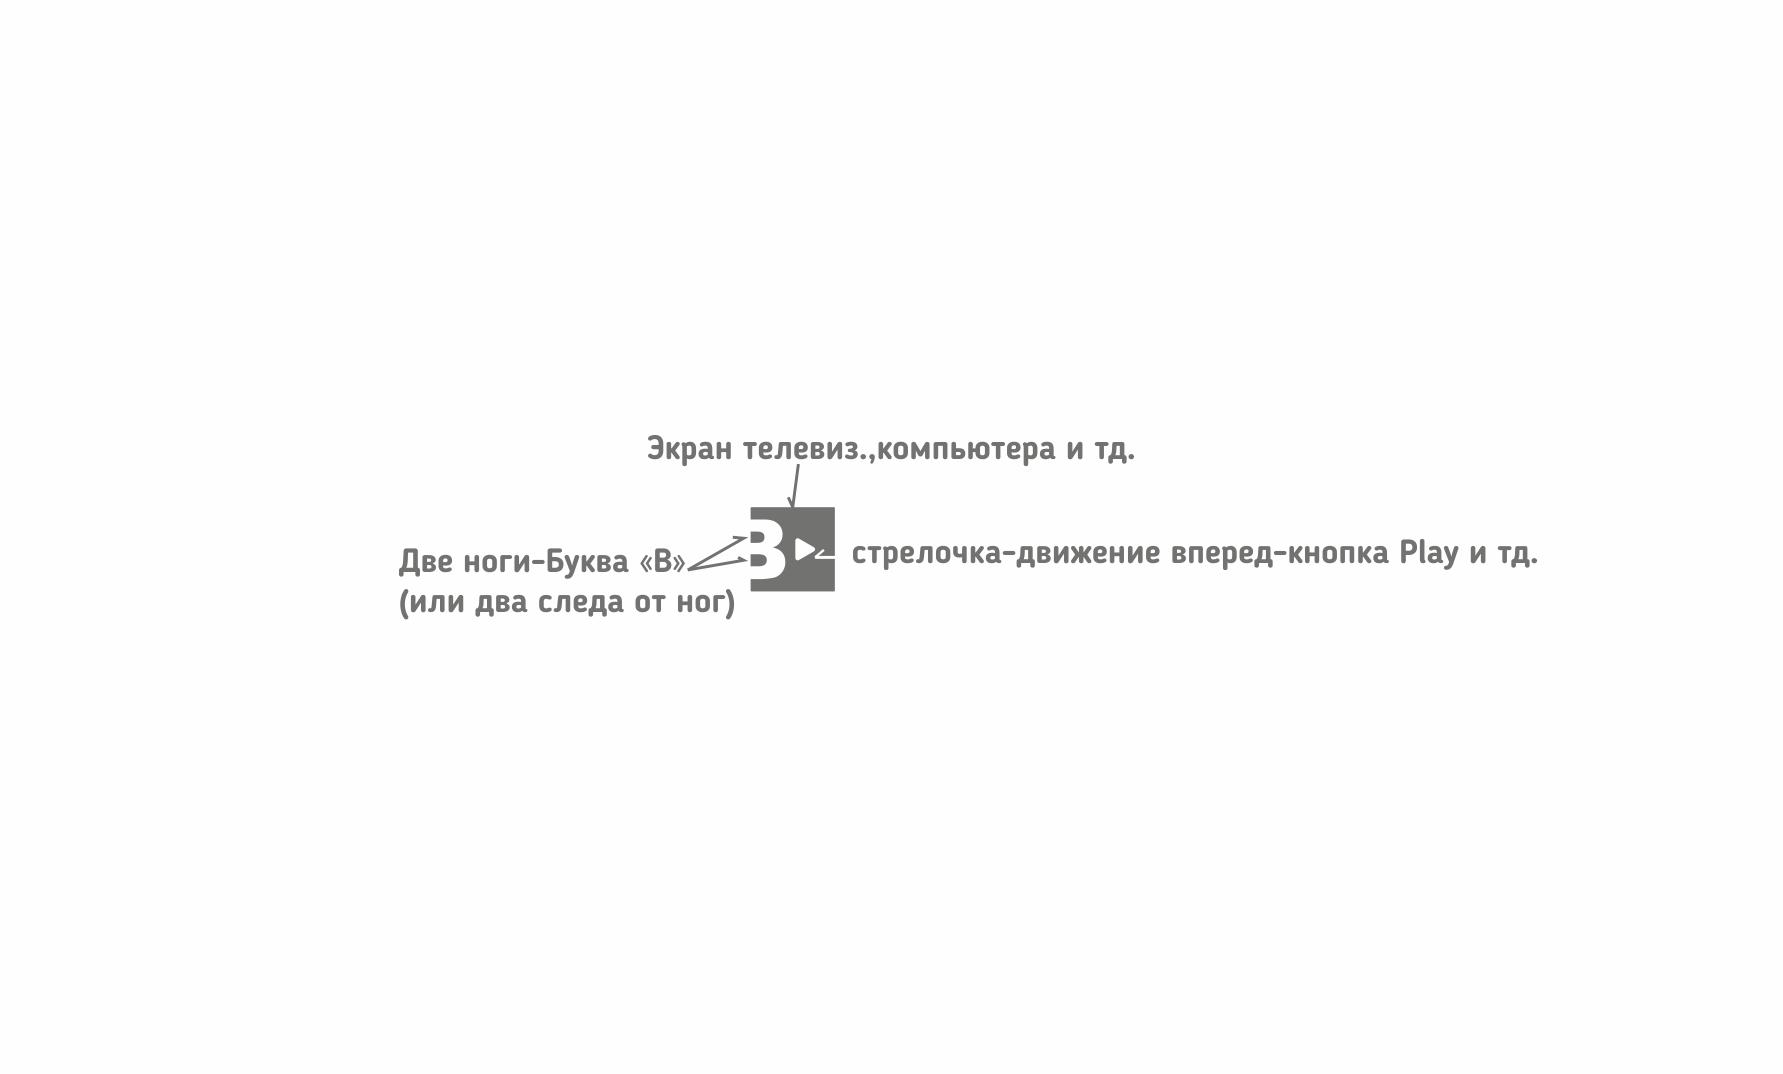 Разработка логотипа и иконки для Travel Video Platform фото f_1945c38c1b494a90.png